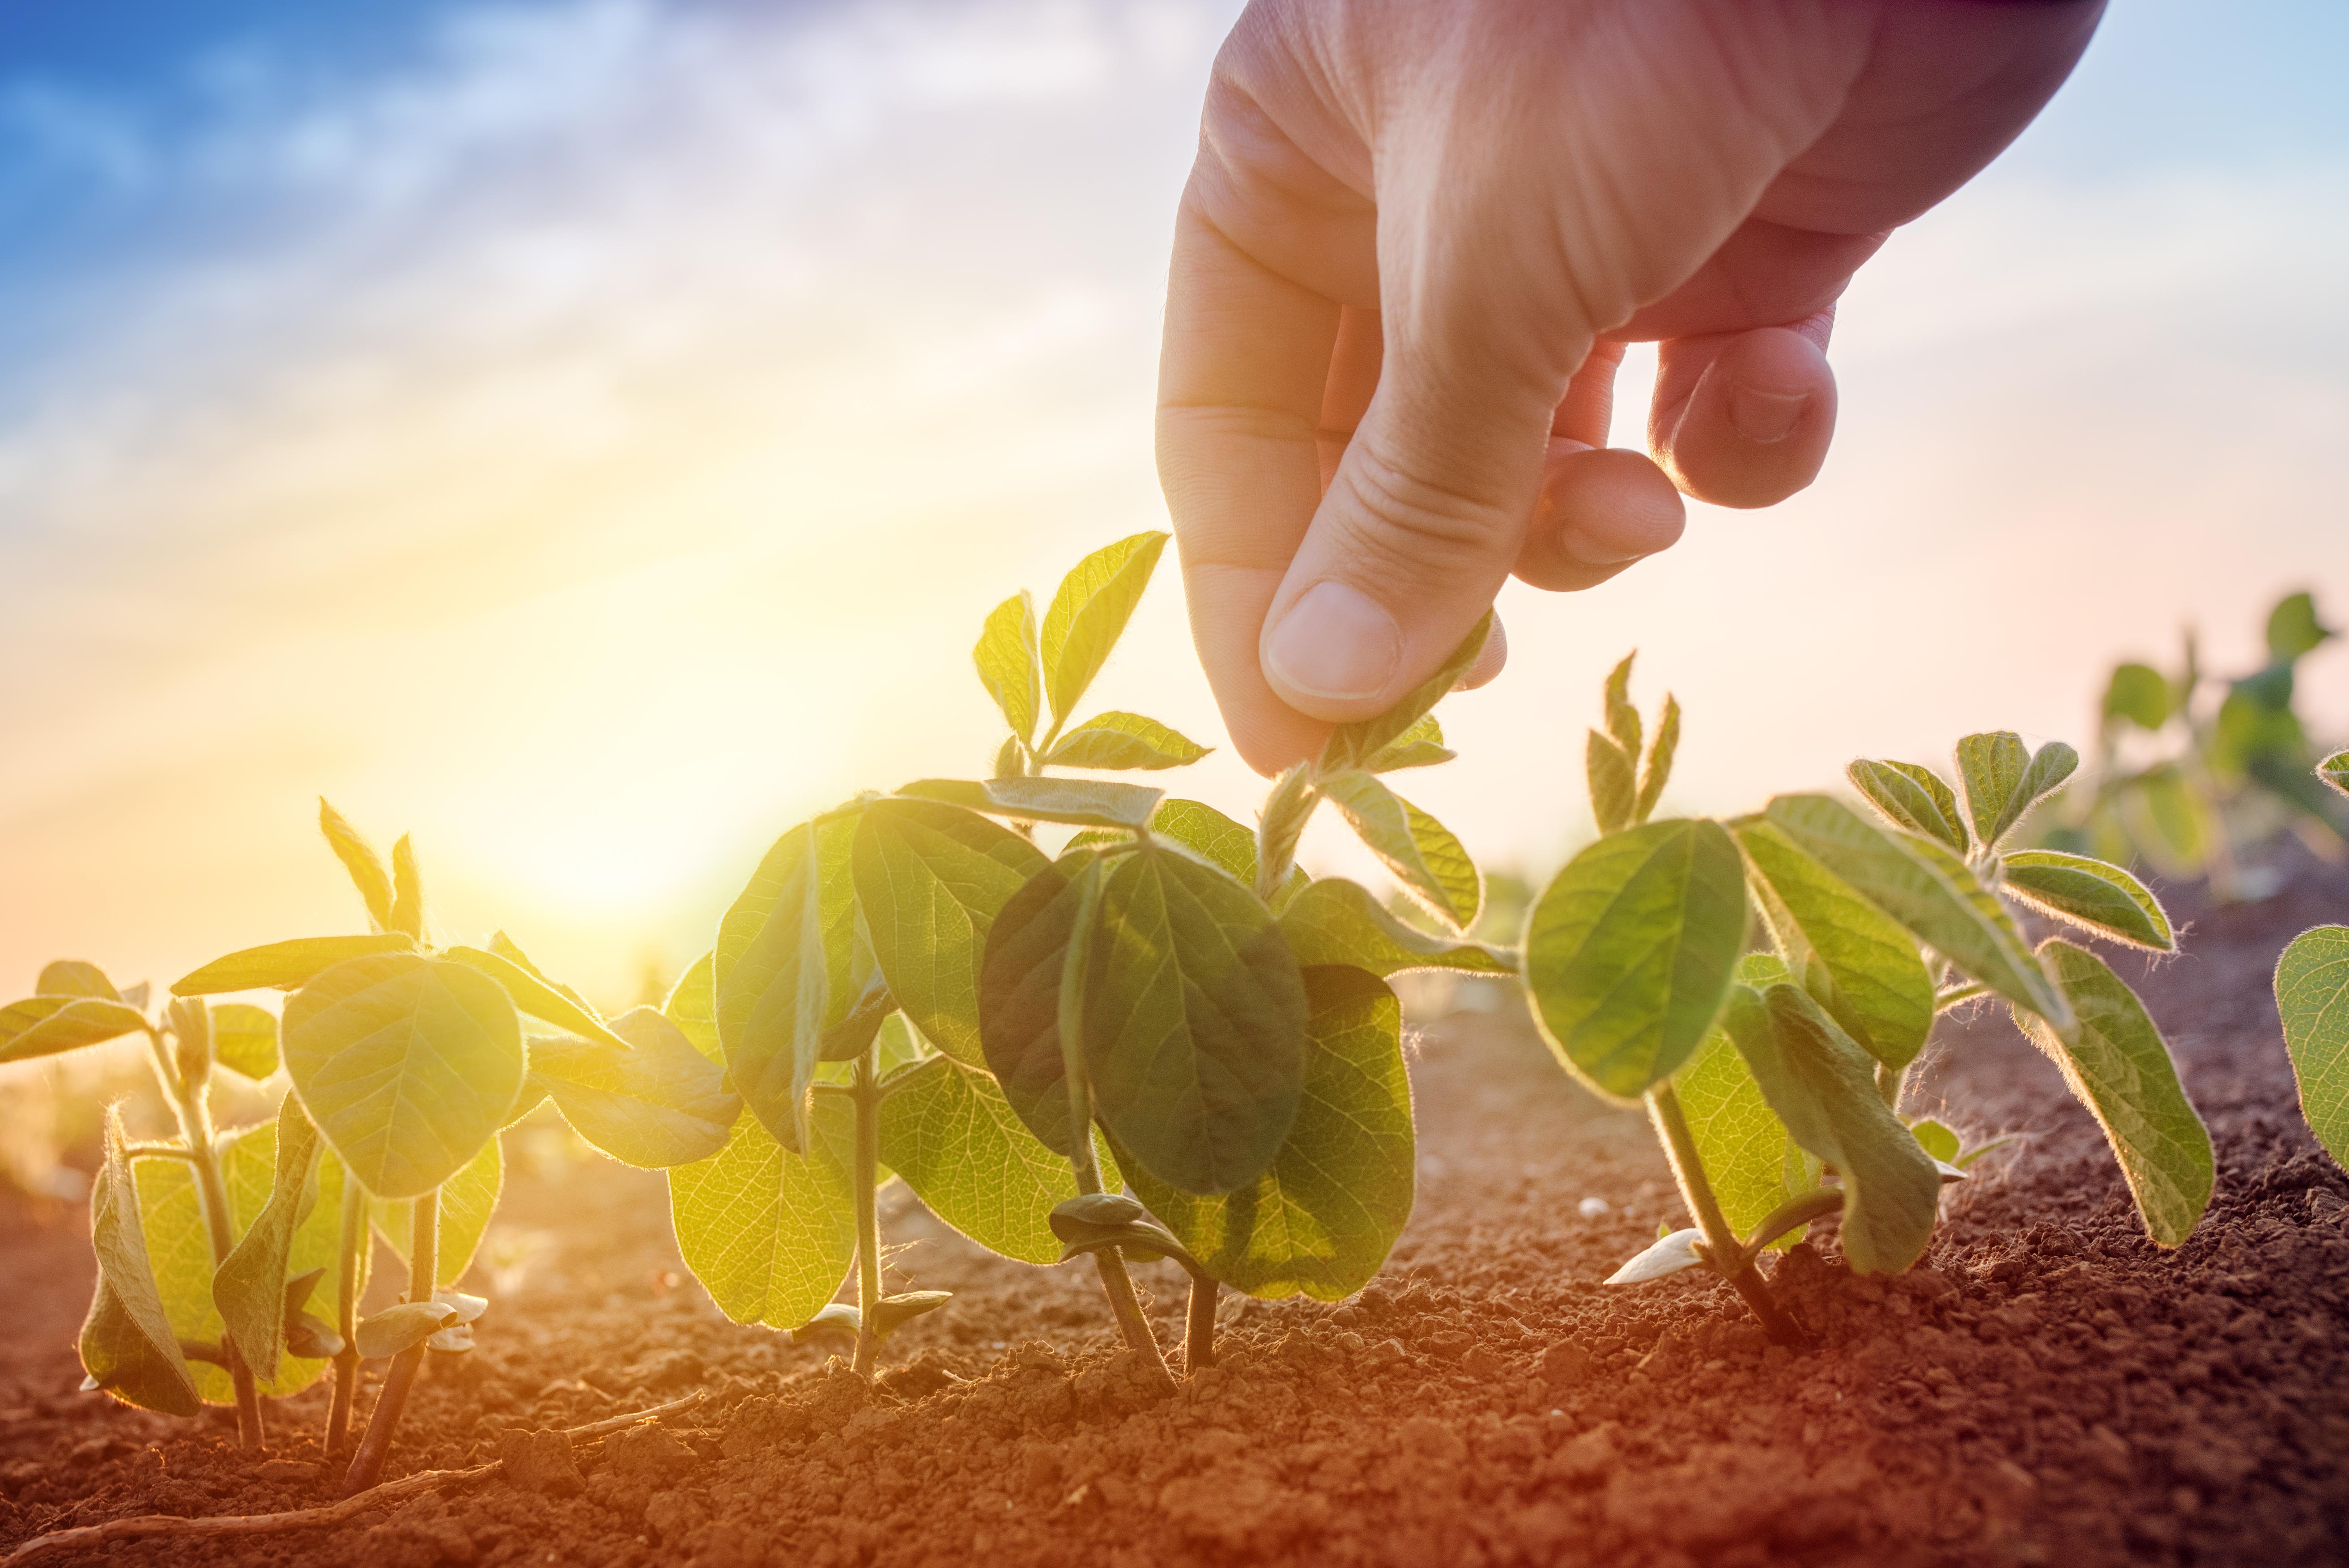 Wild soybean lines add genetic diversity